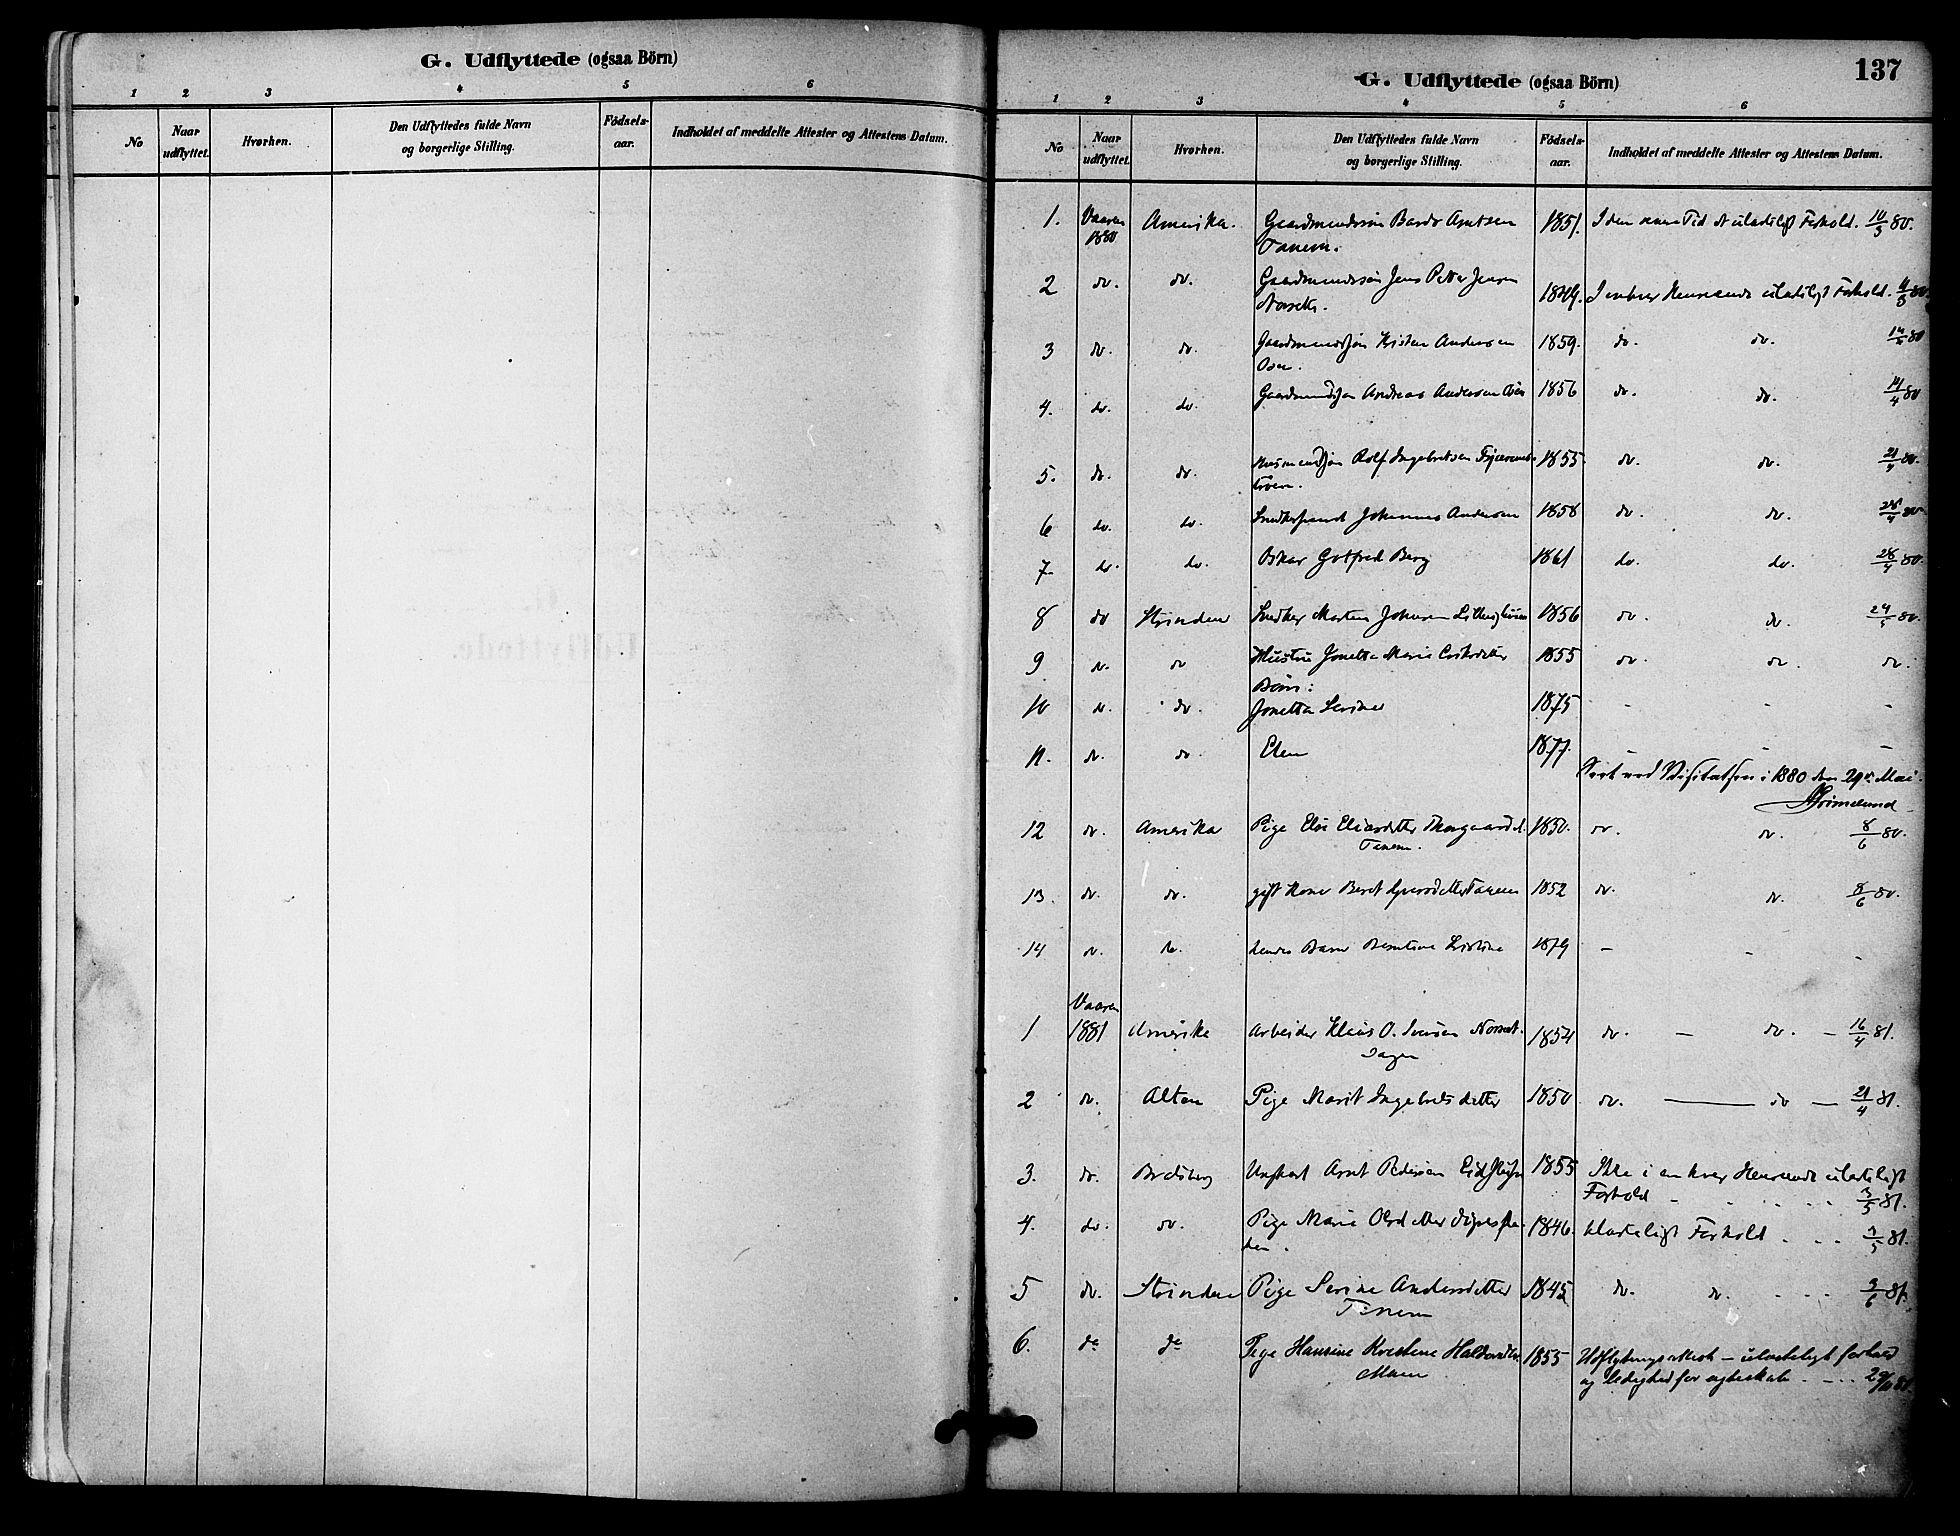 SAT, Ministerialprotokoller, klokkerbøker og fødselsregistre - Sør-Trøndelag, 618/L0444: Ministerialbok nr. 618A07, 1880-1898, s. 137